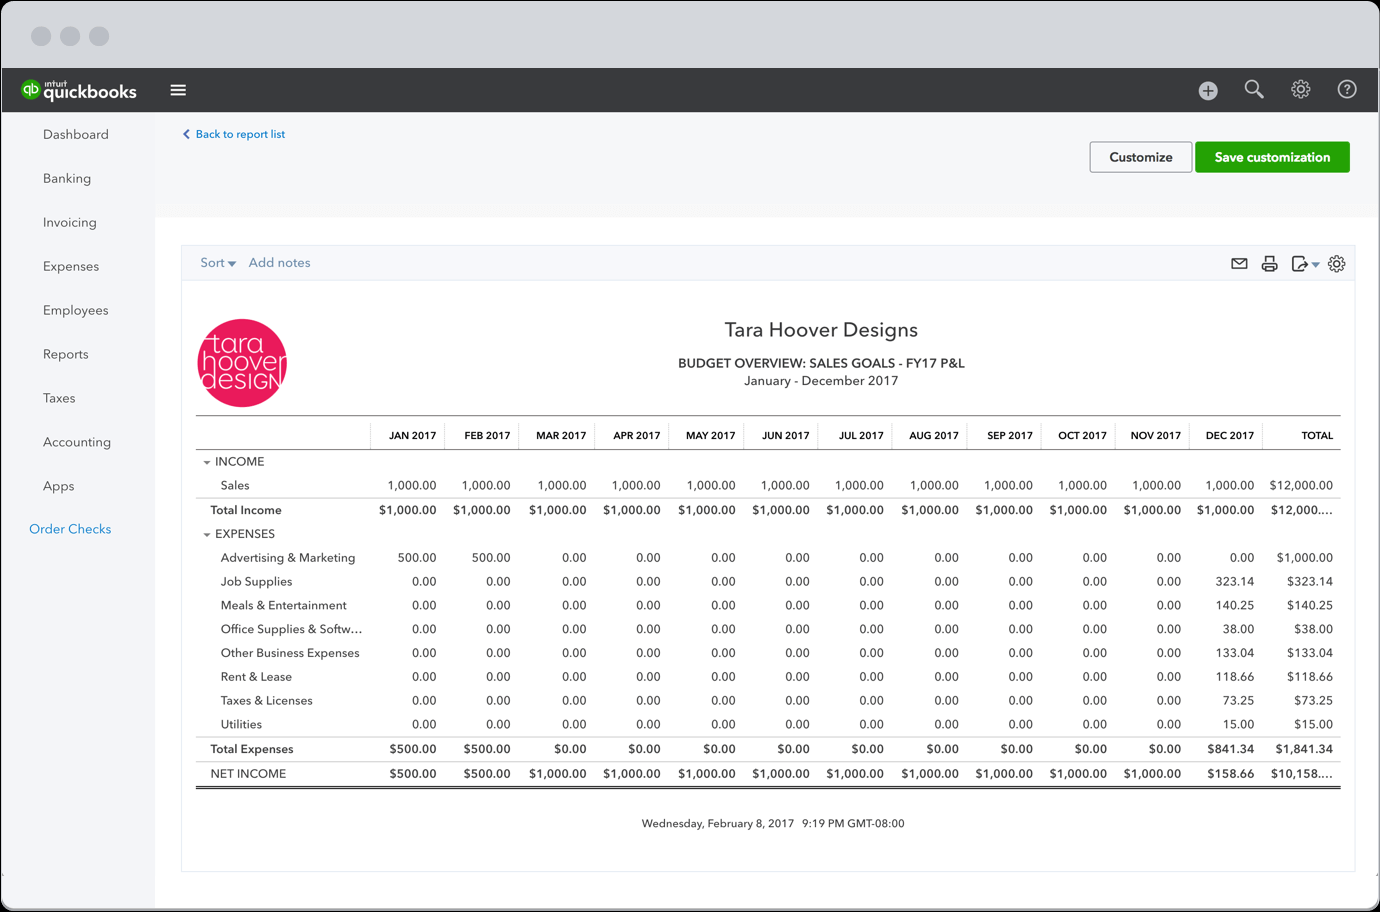 quickbooks custom report